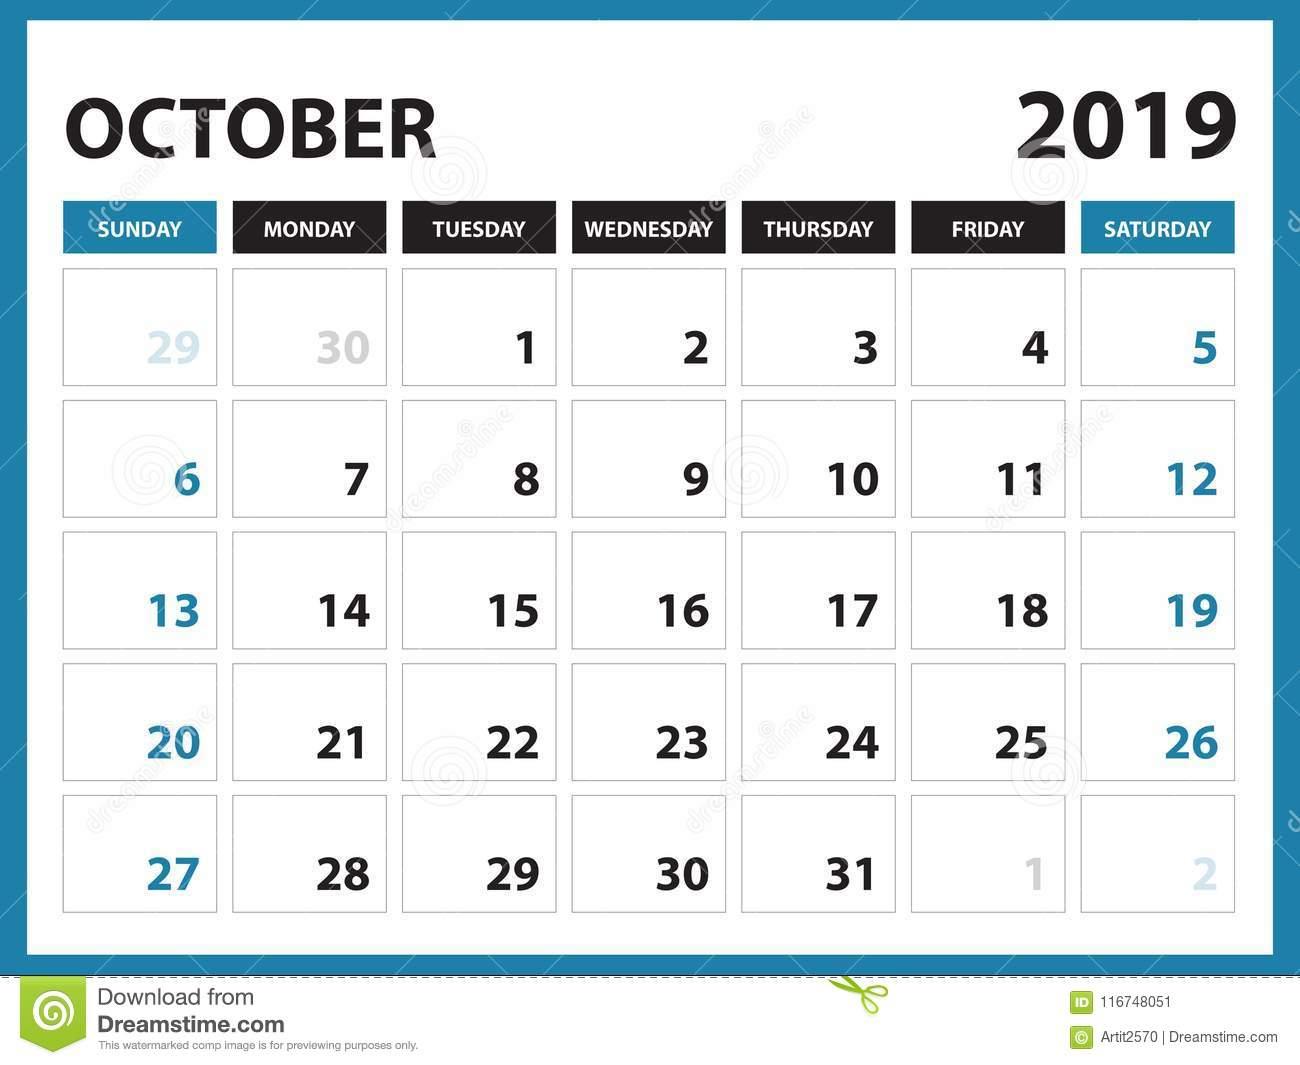 Desk Calendar For September 2019 Template, Printable